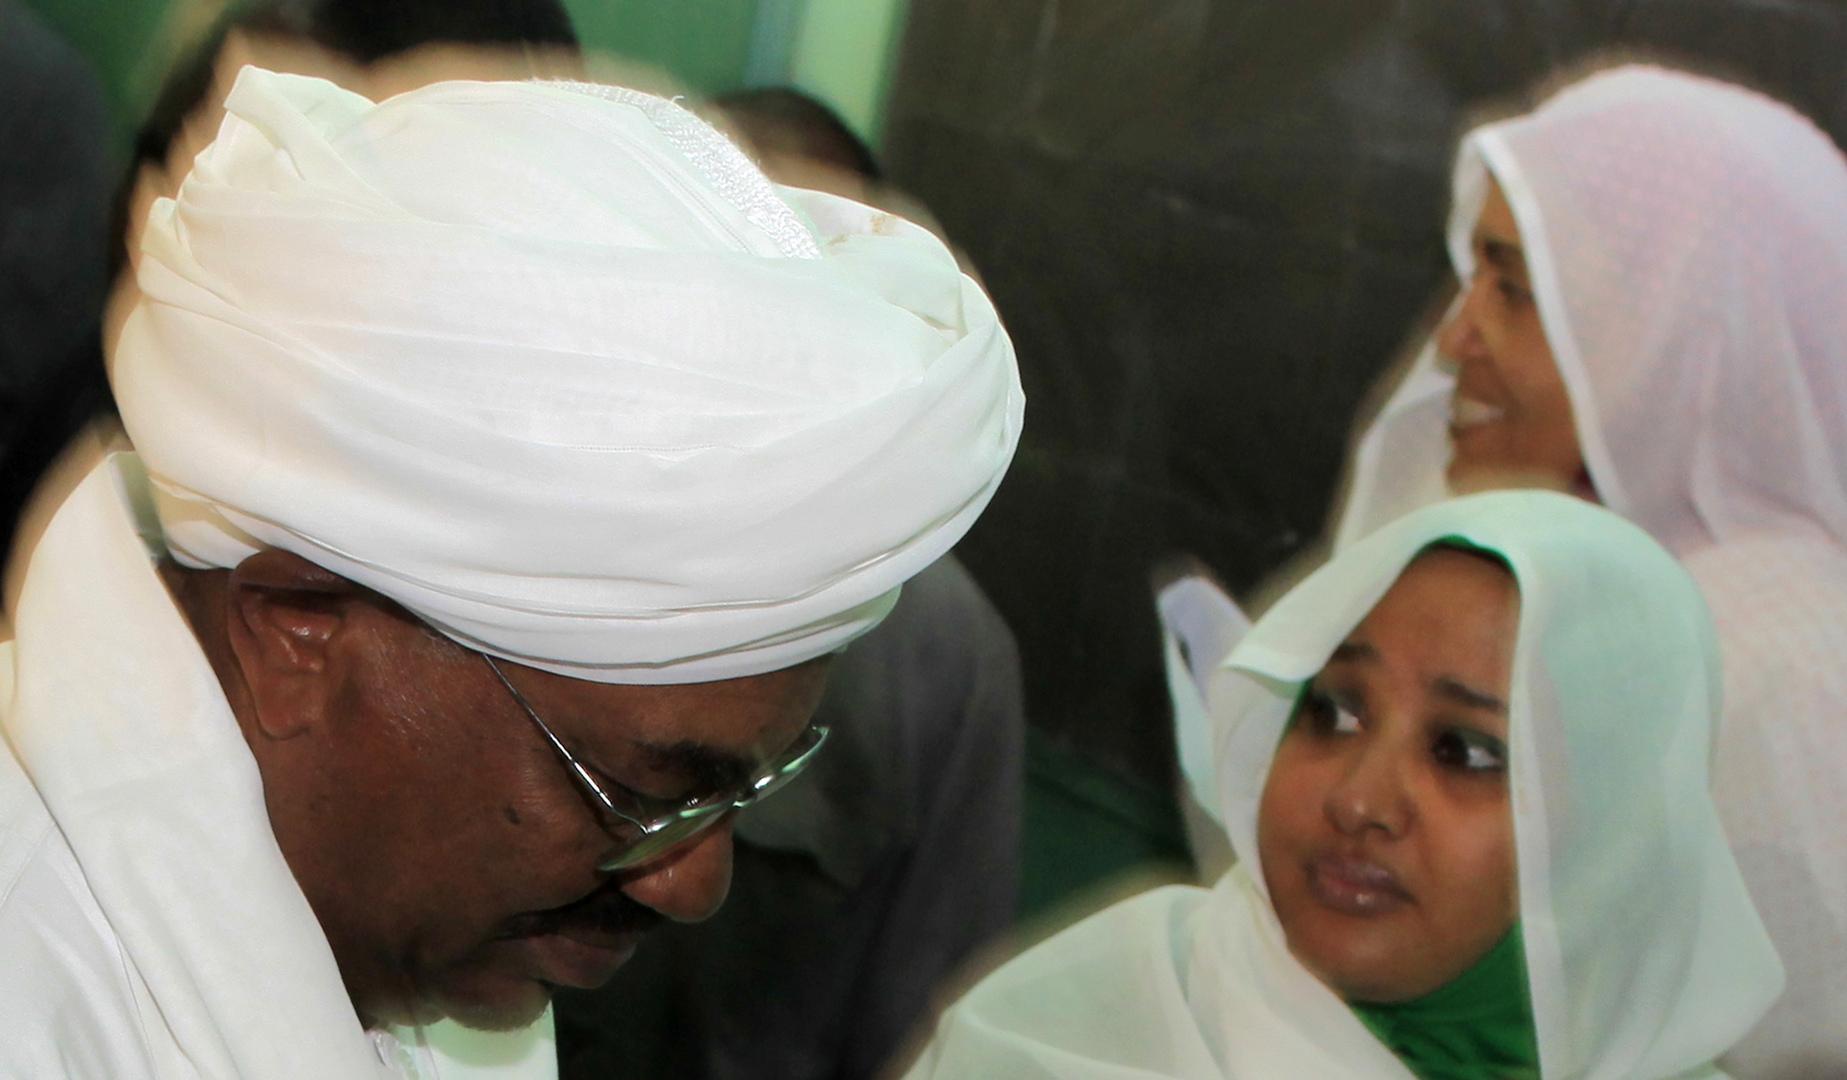 السودان.. النيابة تتحرى عن أرصدة زوجة البشير في ماليزيا!